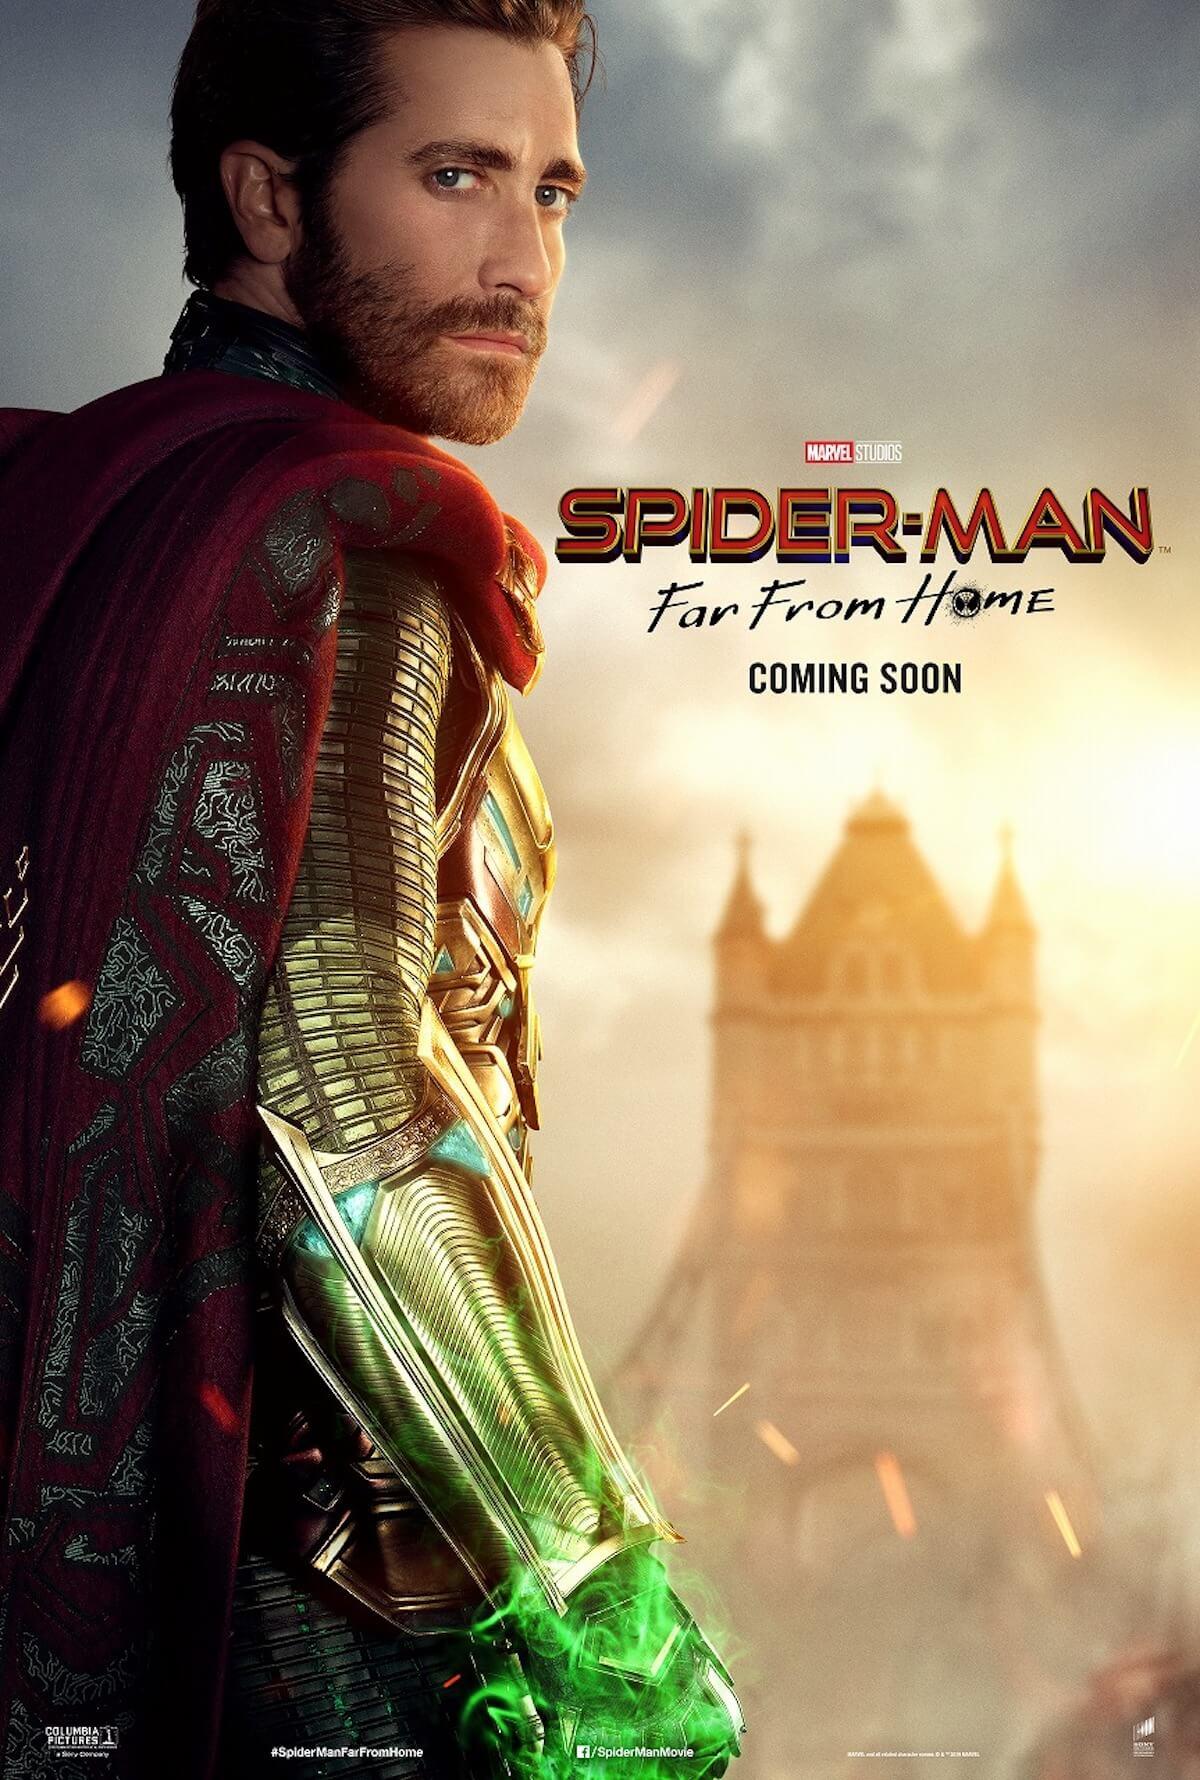 『スパイダーマン:ファー・フロム・ホーム』ストーリーの鍵を握る4人のポスターが解禁! film190523_spiderman_2